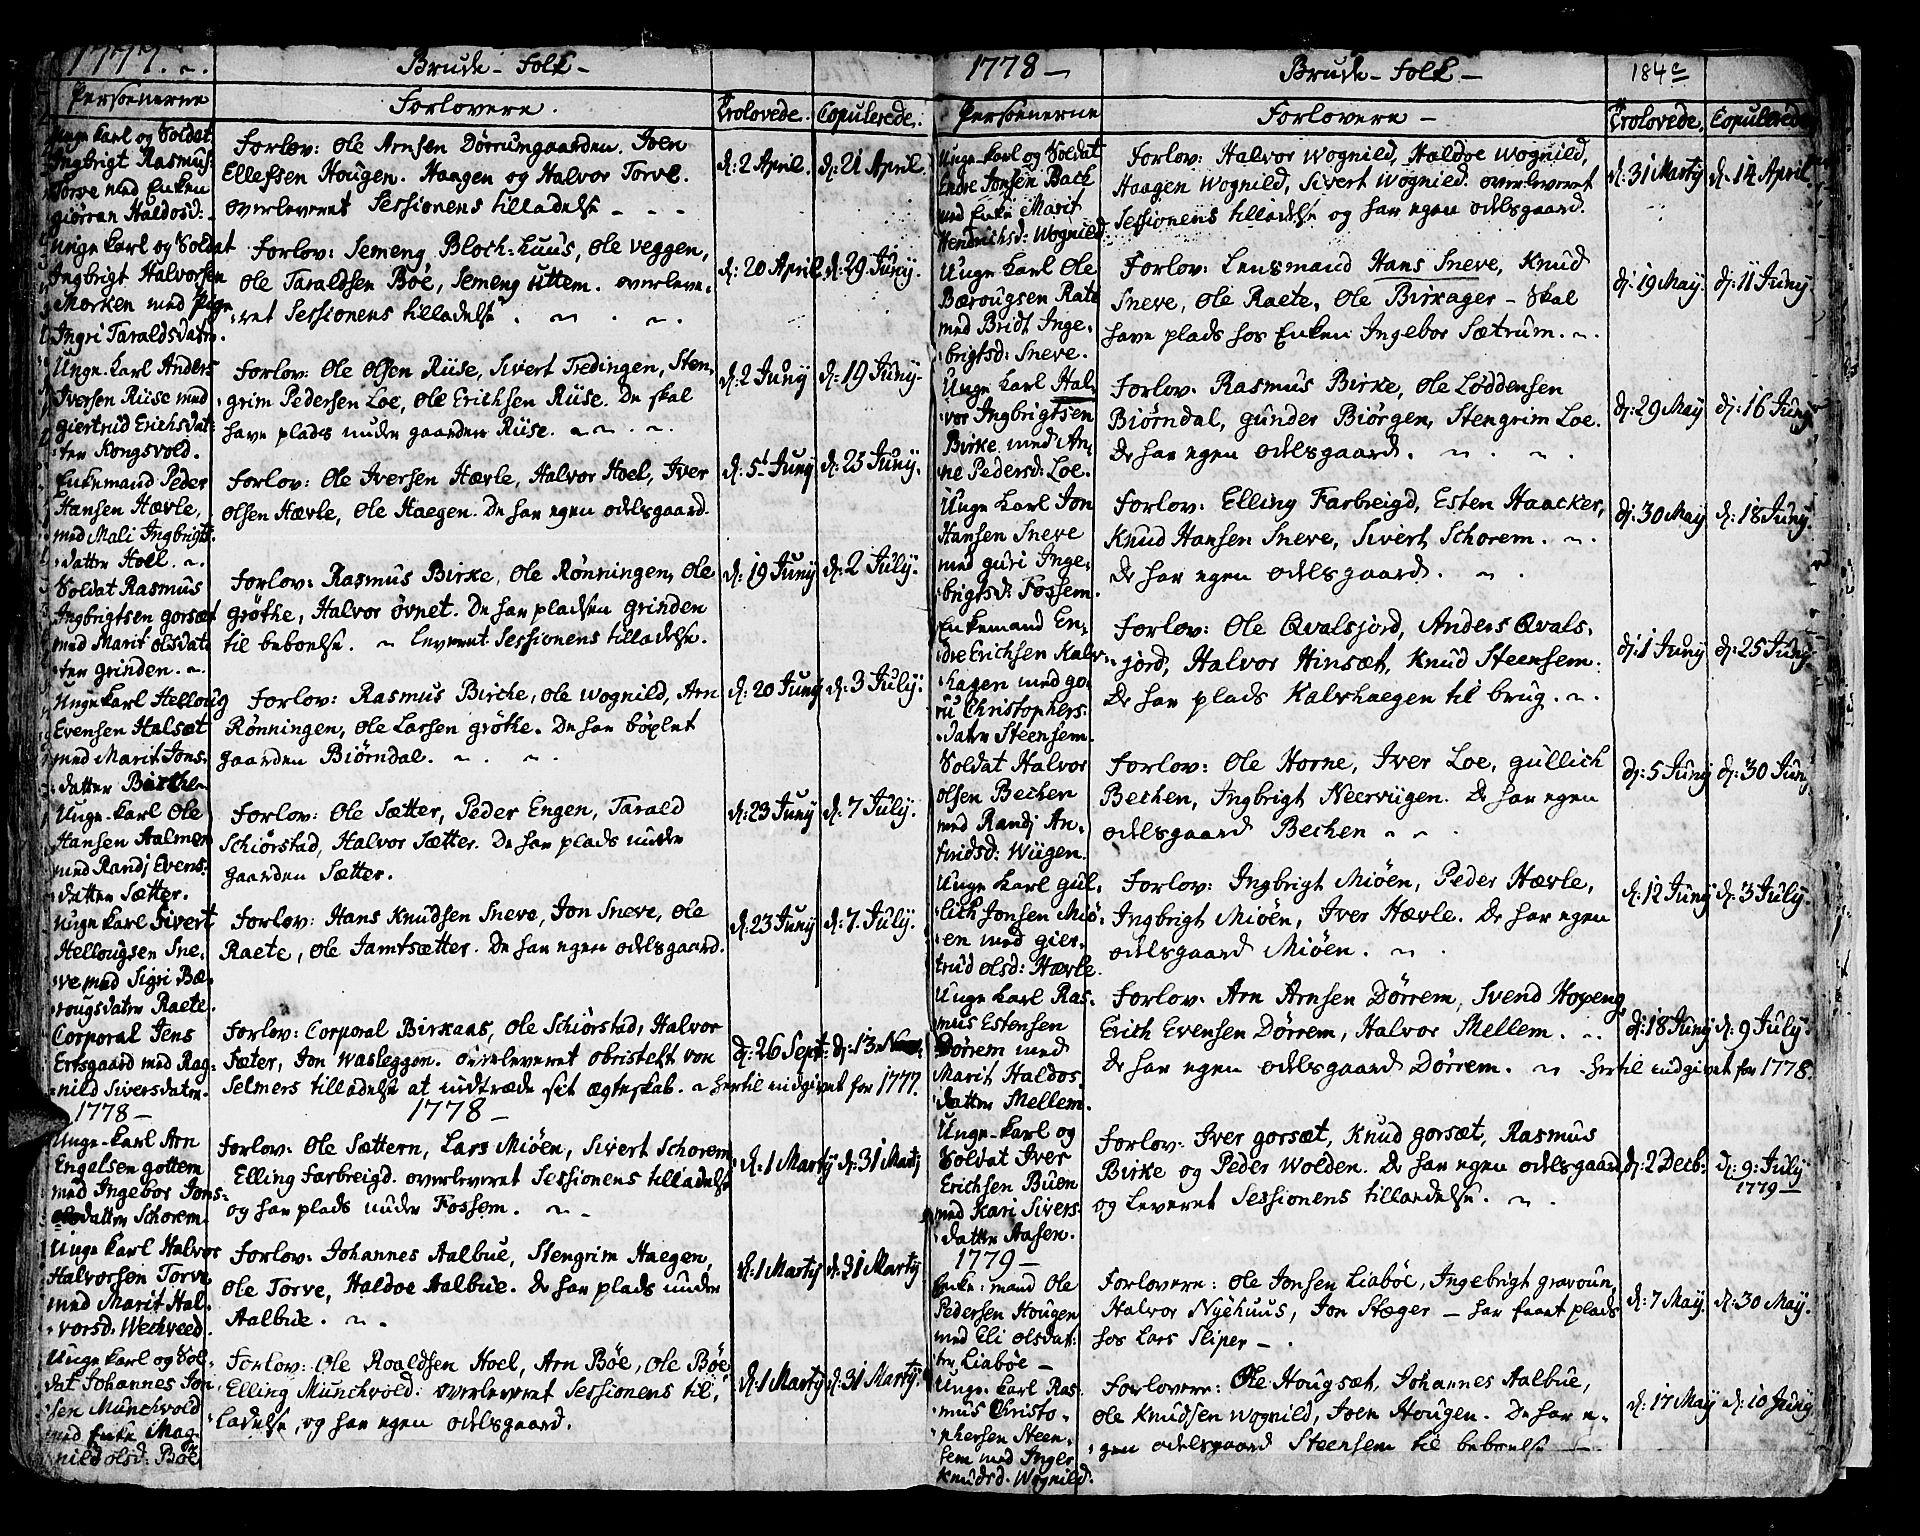 SAT, Ministerialprotokoller, klokkerbøker og fødselsregistre - Sør-Trøndelag, 678/L0891: Ministerialbok nr. 678A01, 1739-1780, s. 184d